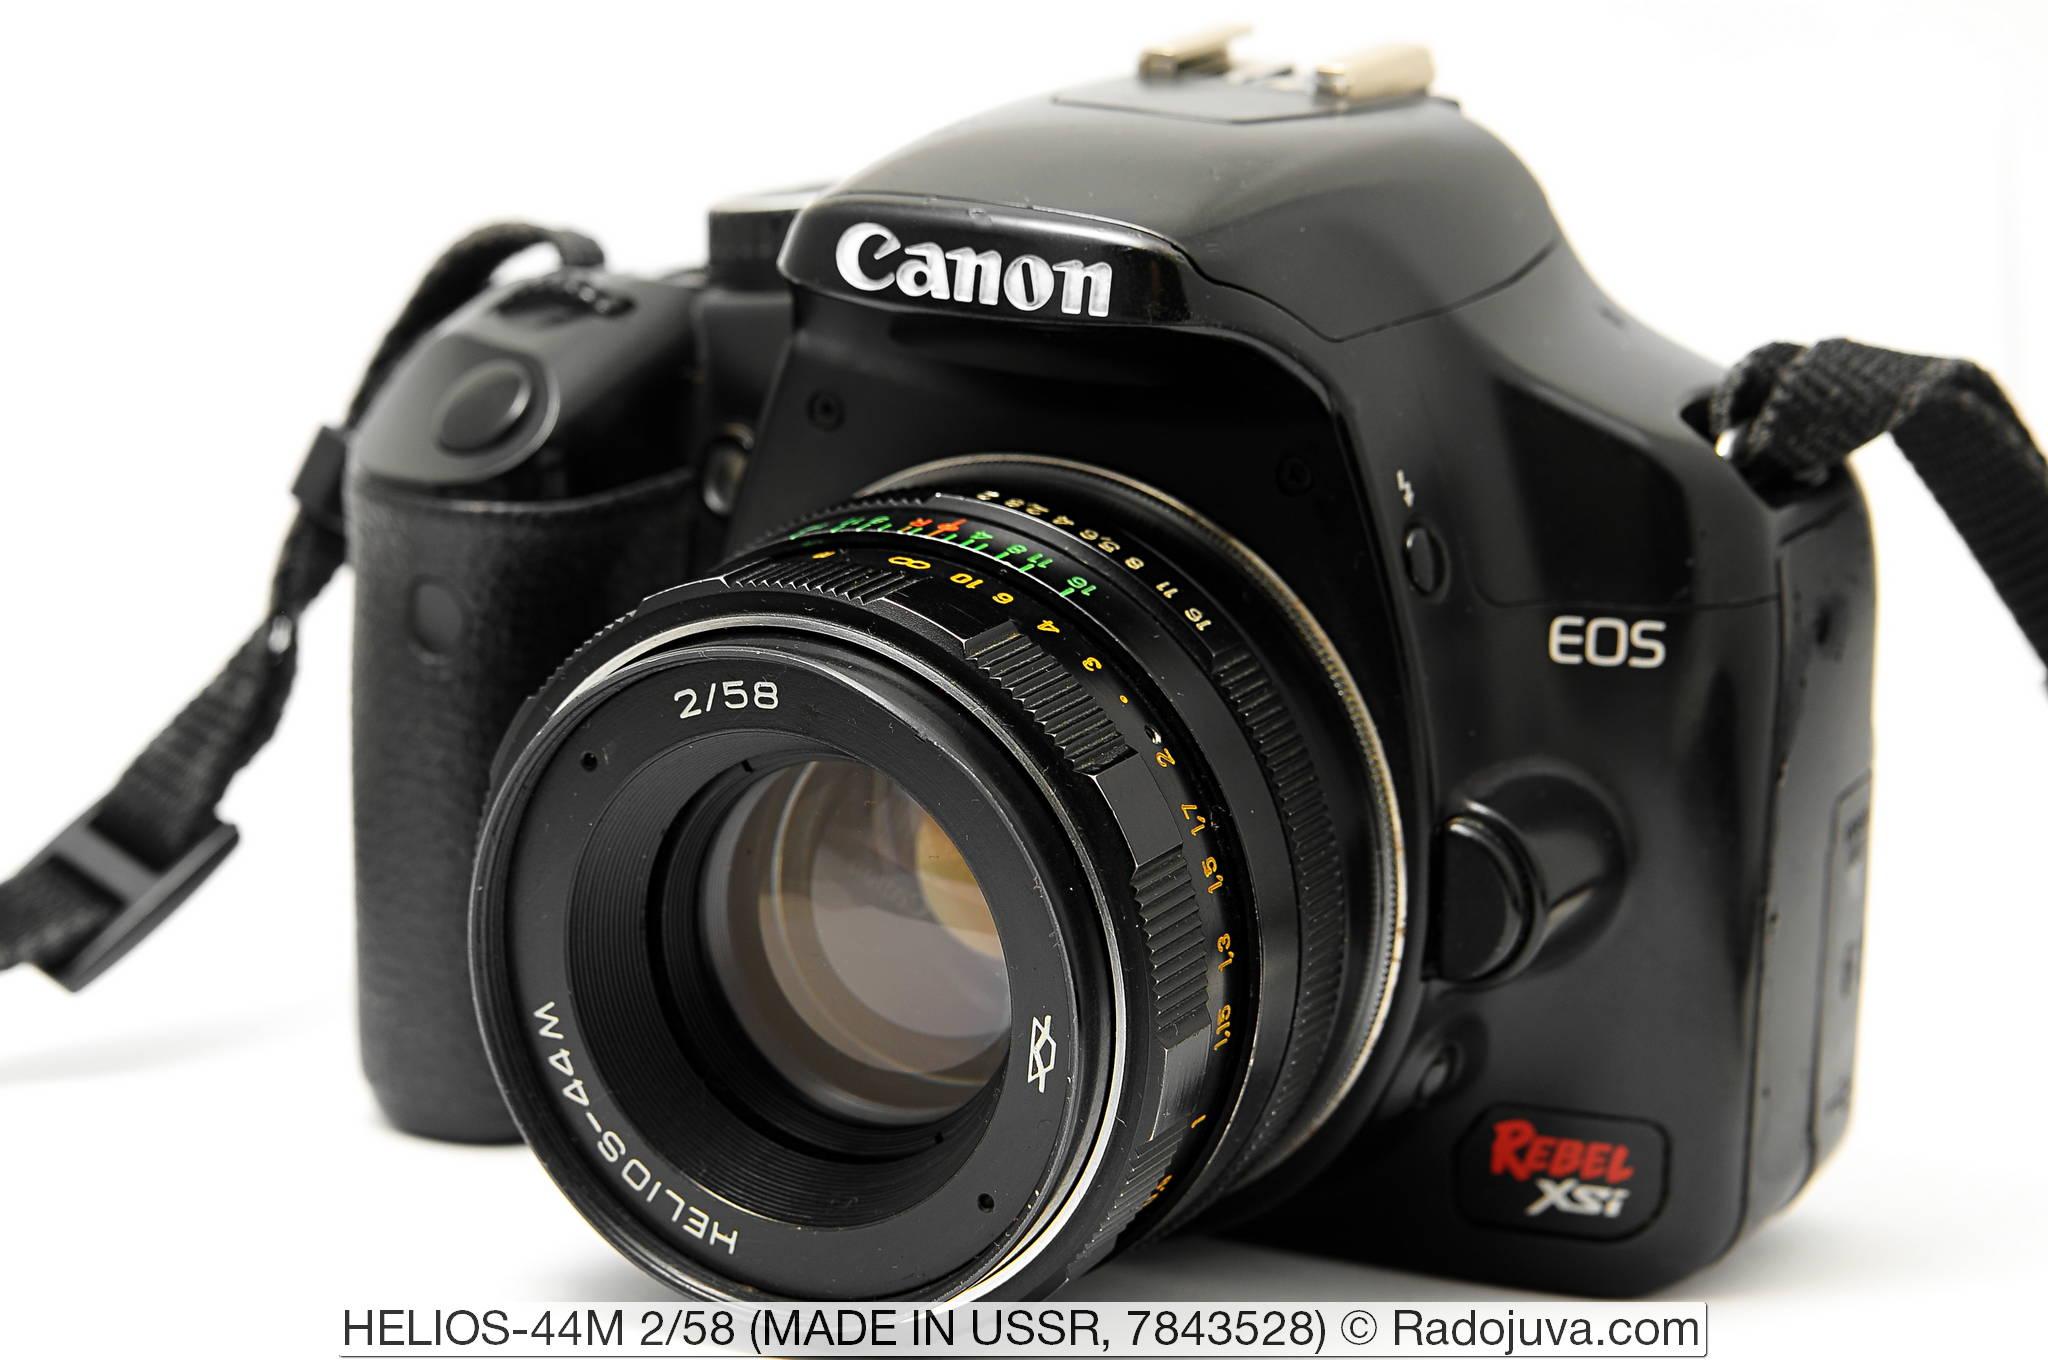 HELIOS-44M 2/58 завода КМЗ. Объектив показан на цифровом зеркальном фотоаппарате Canon EOS DIGITAL Rebel XSi. Установка объектива на фотоаппарат осуществлена с помощью переходника M42-Canon EOS с чипом.